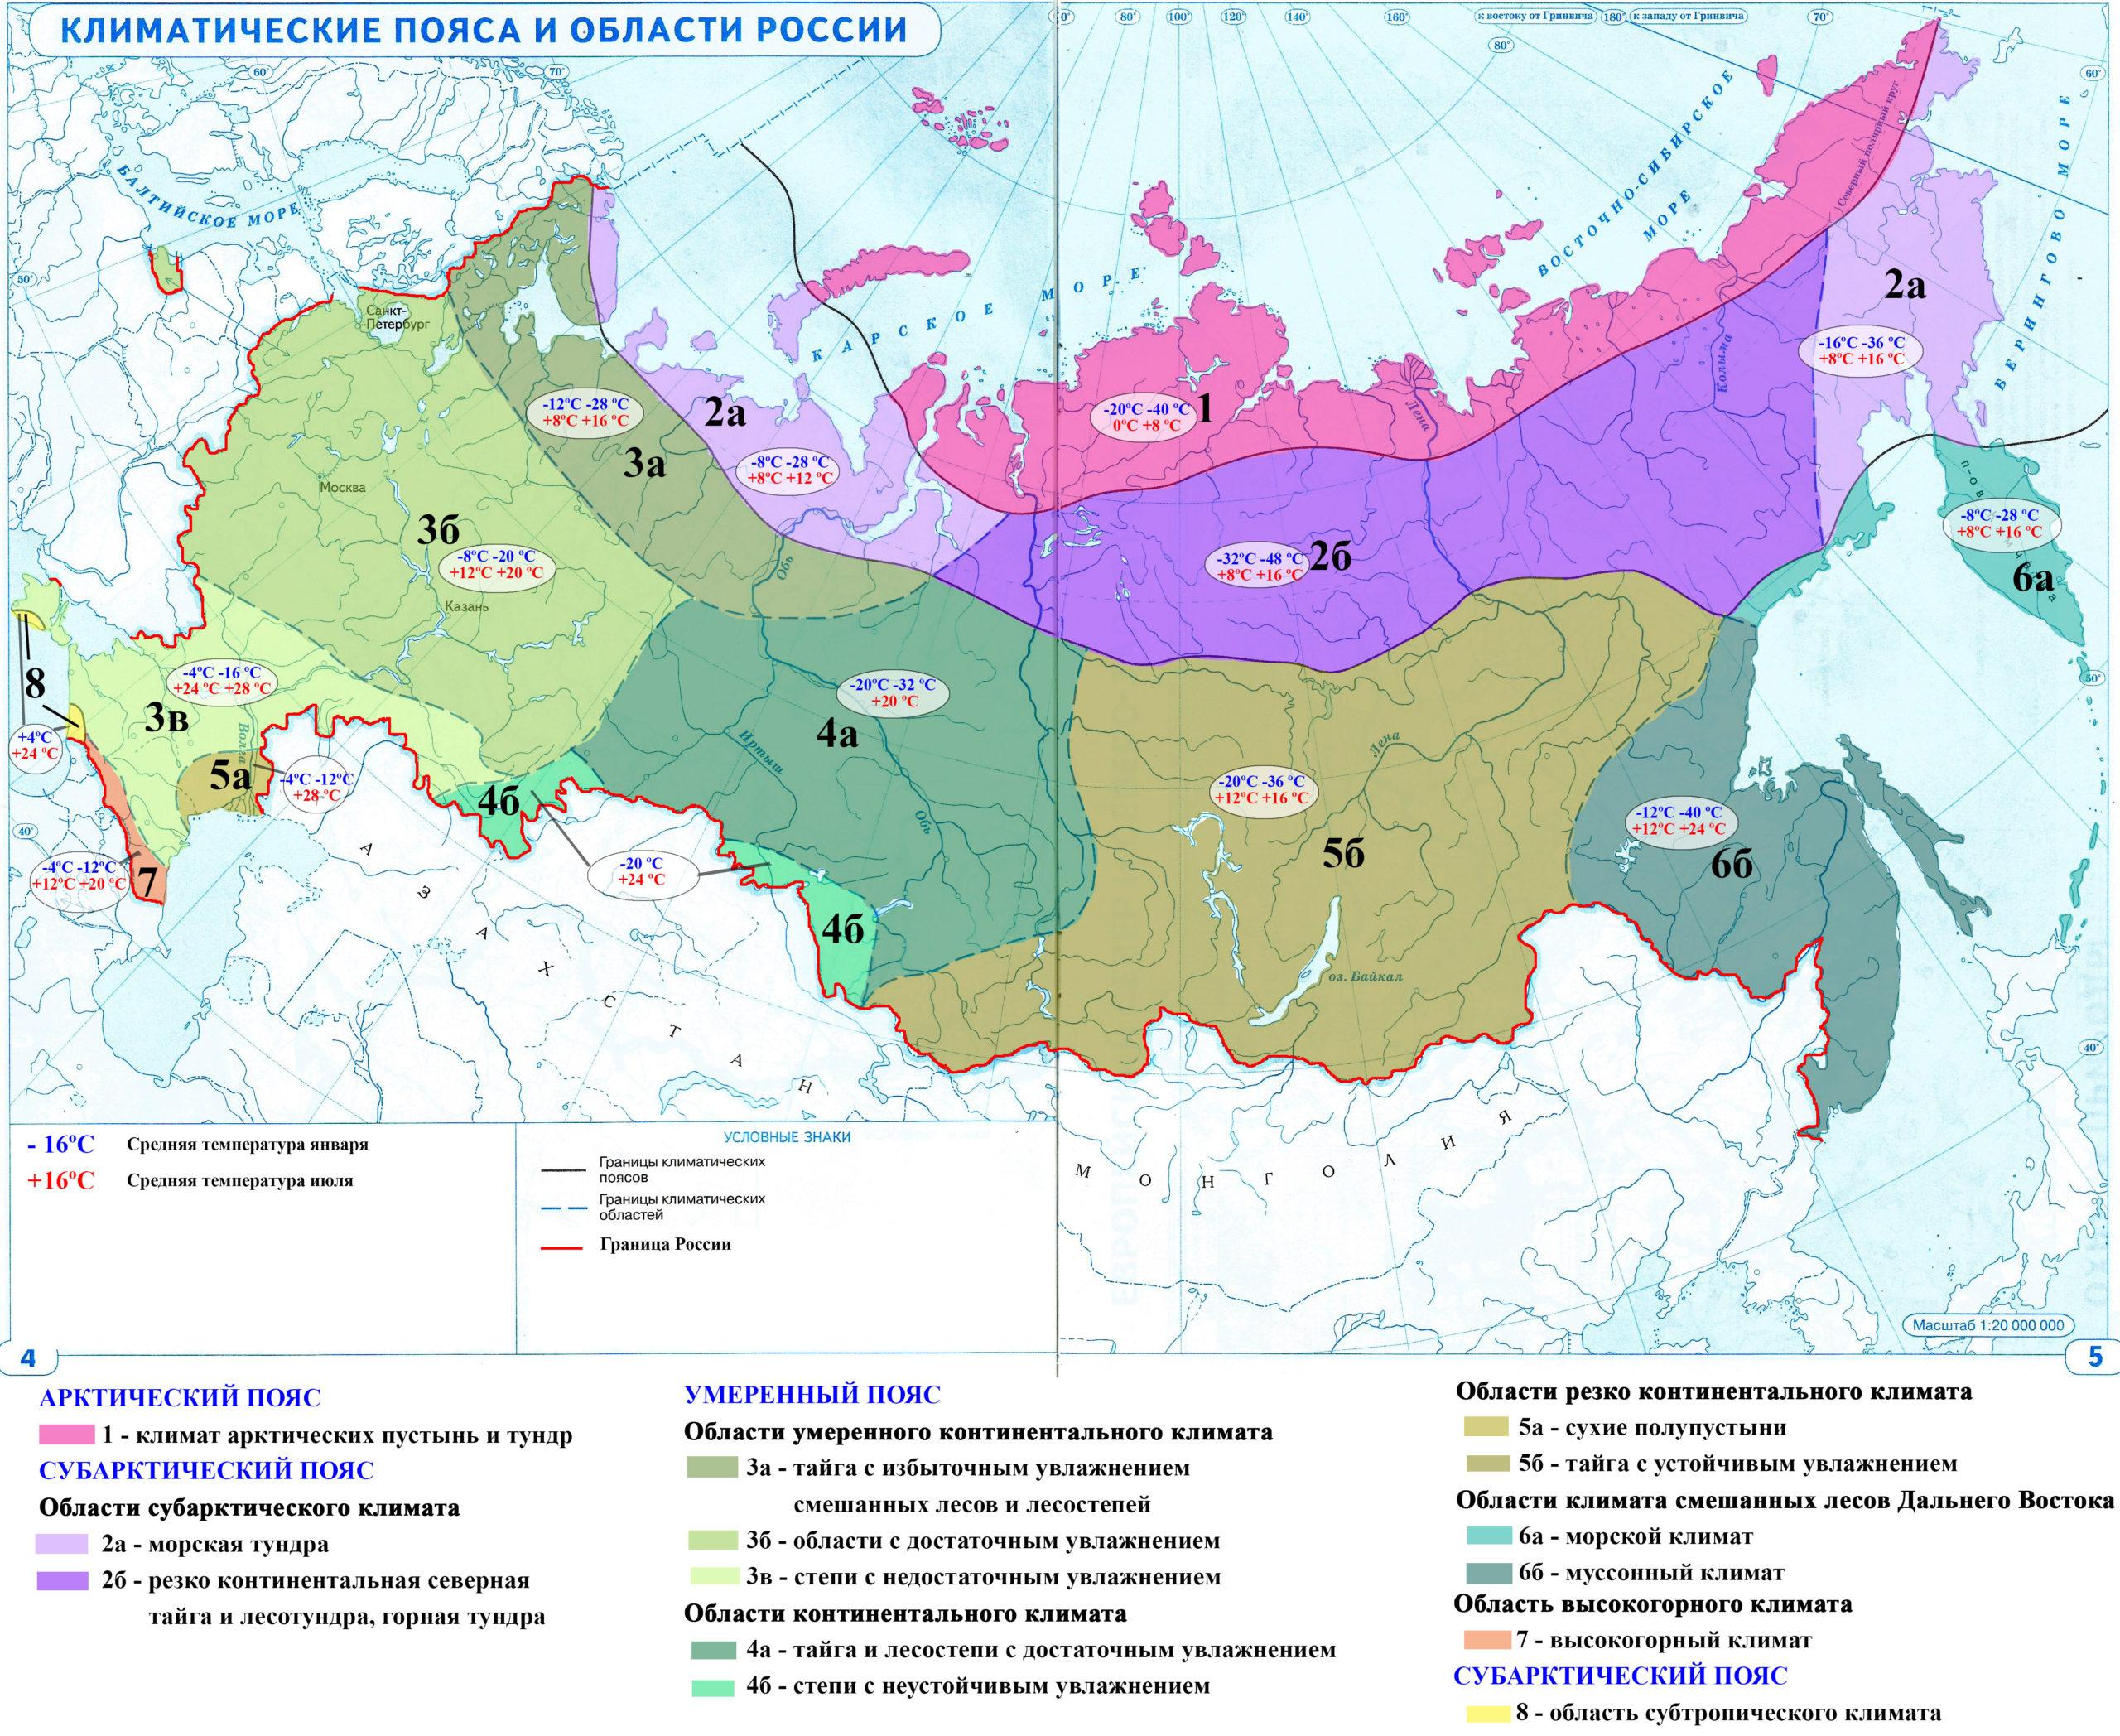 Страница 4 - 5. Климатические пояса и области России - Контурные карты по географии. 8 класс. Дрофа